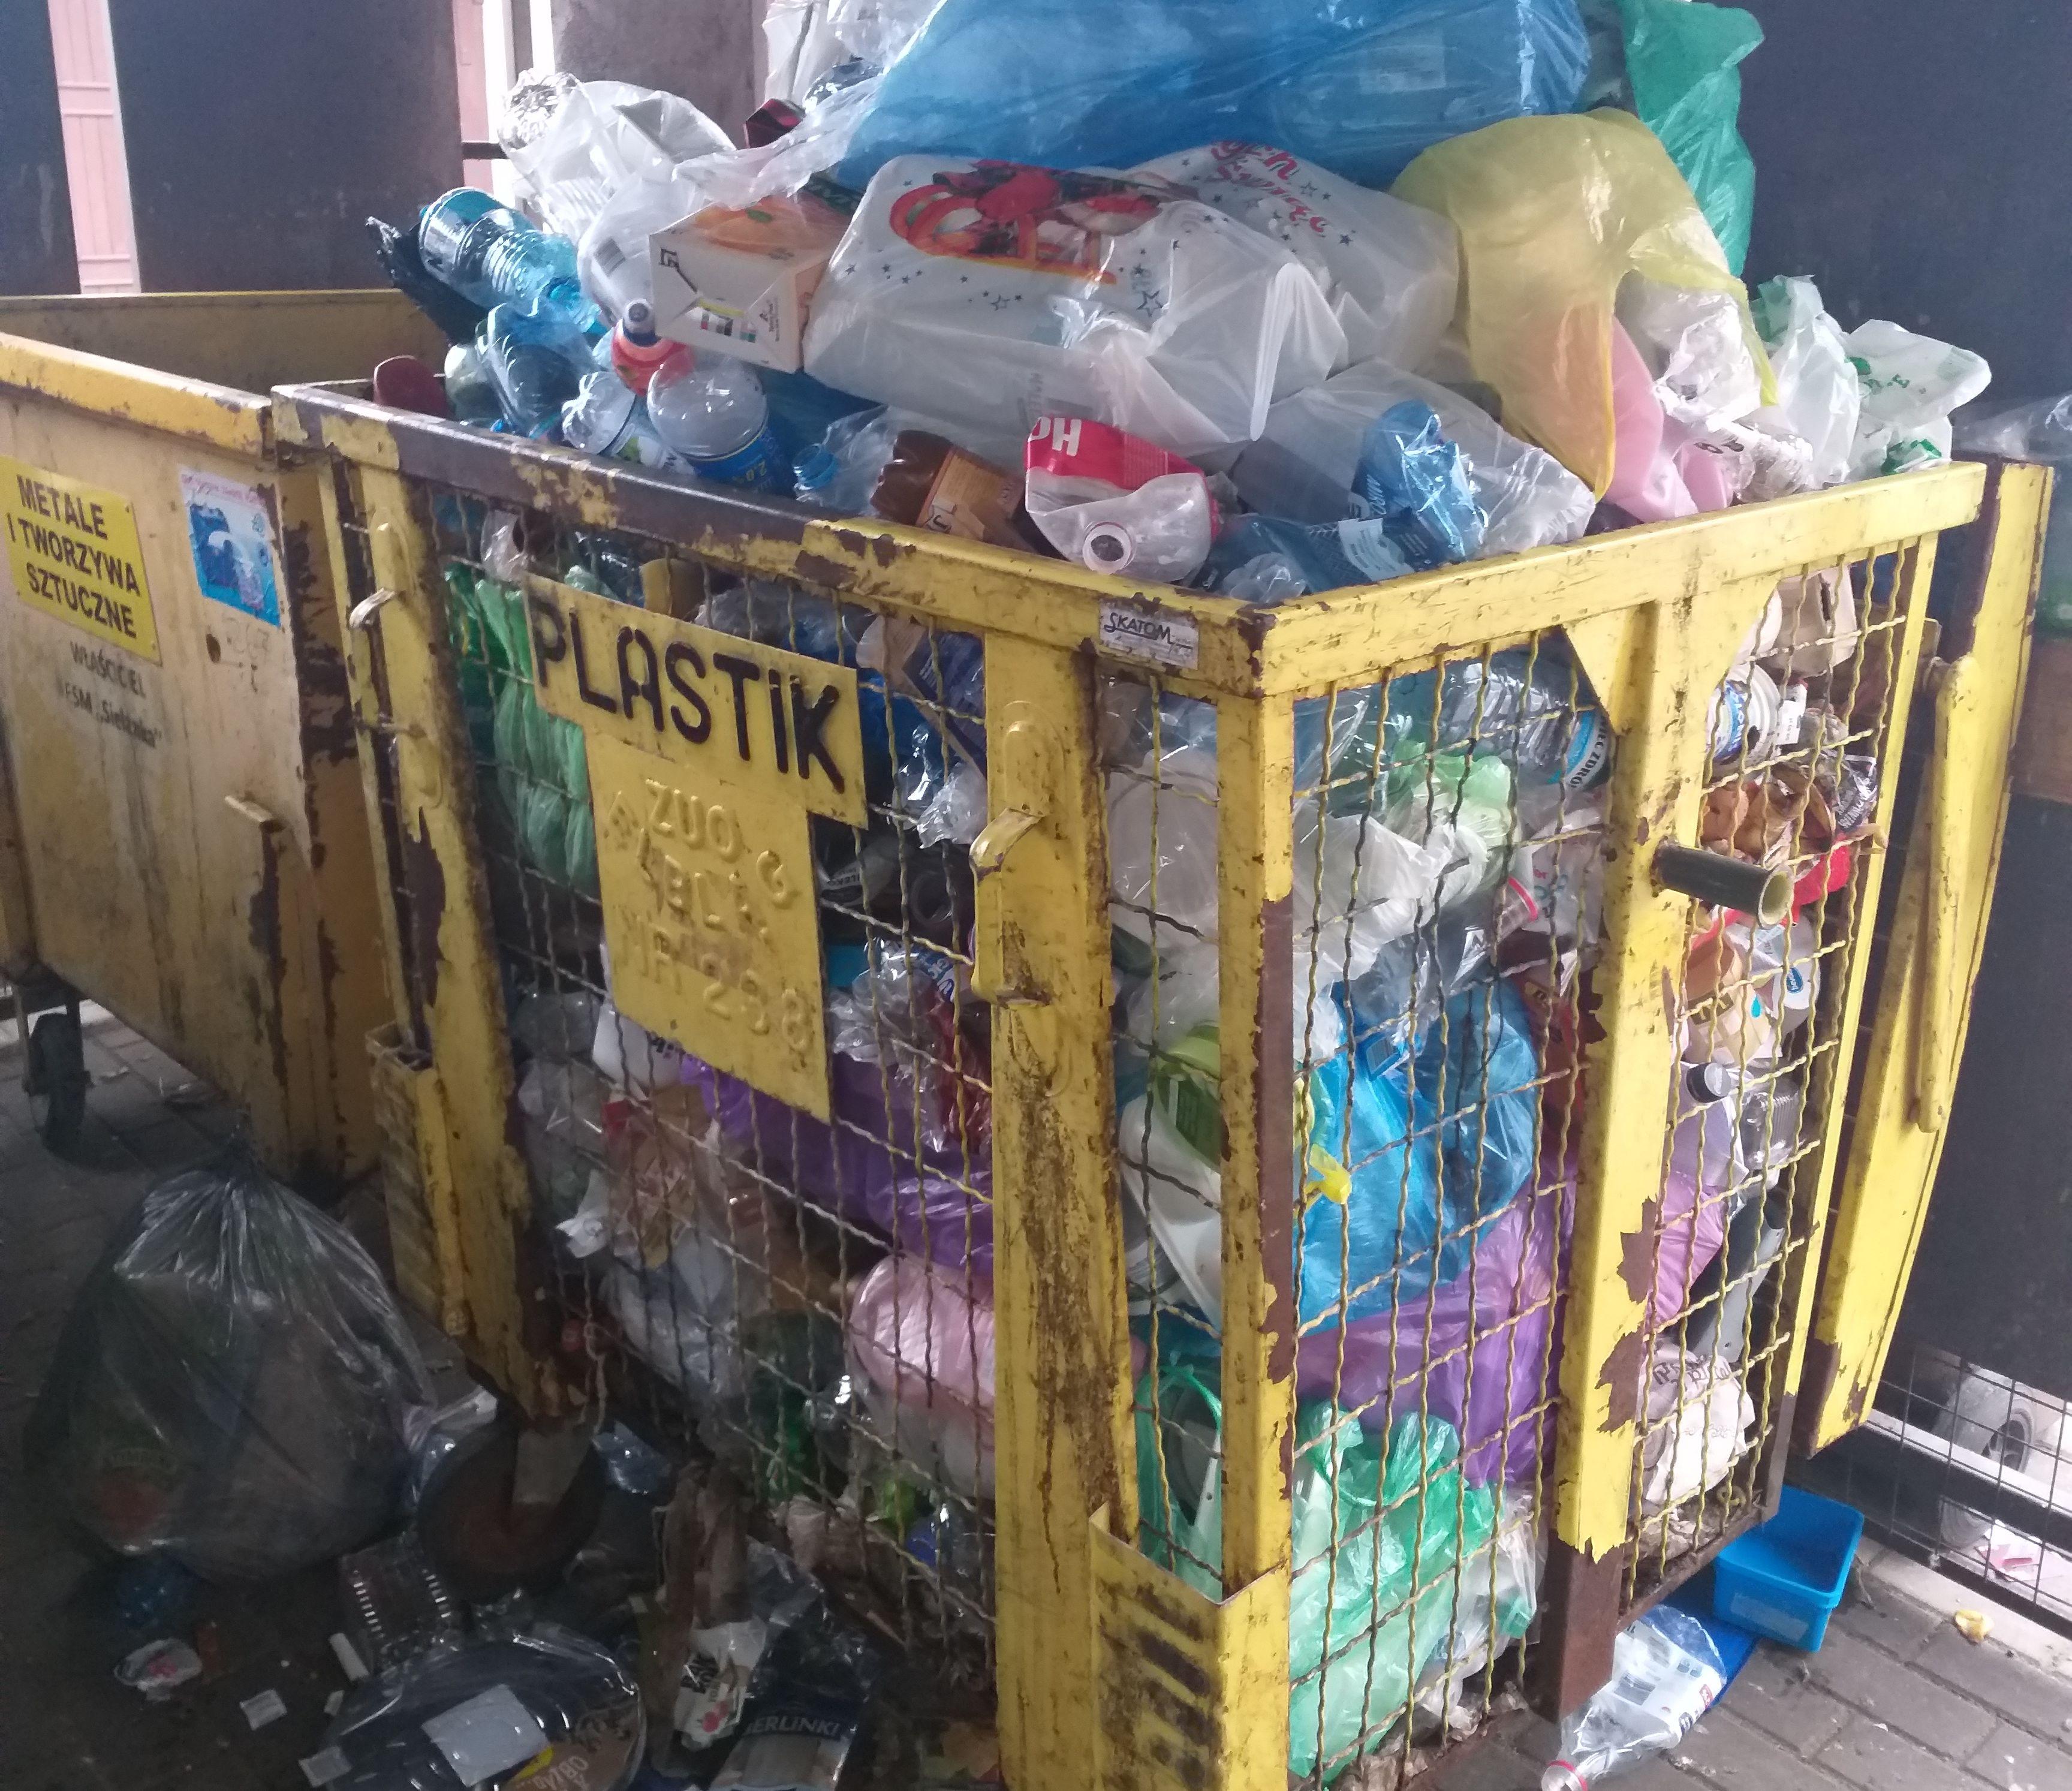 Wyszukiwarka podpowie jak segregować śmieci